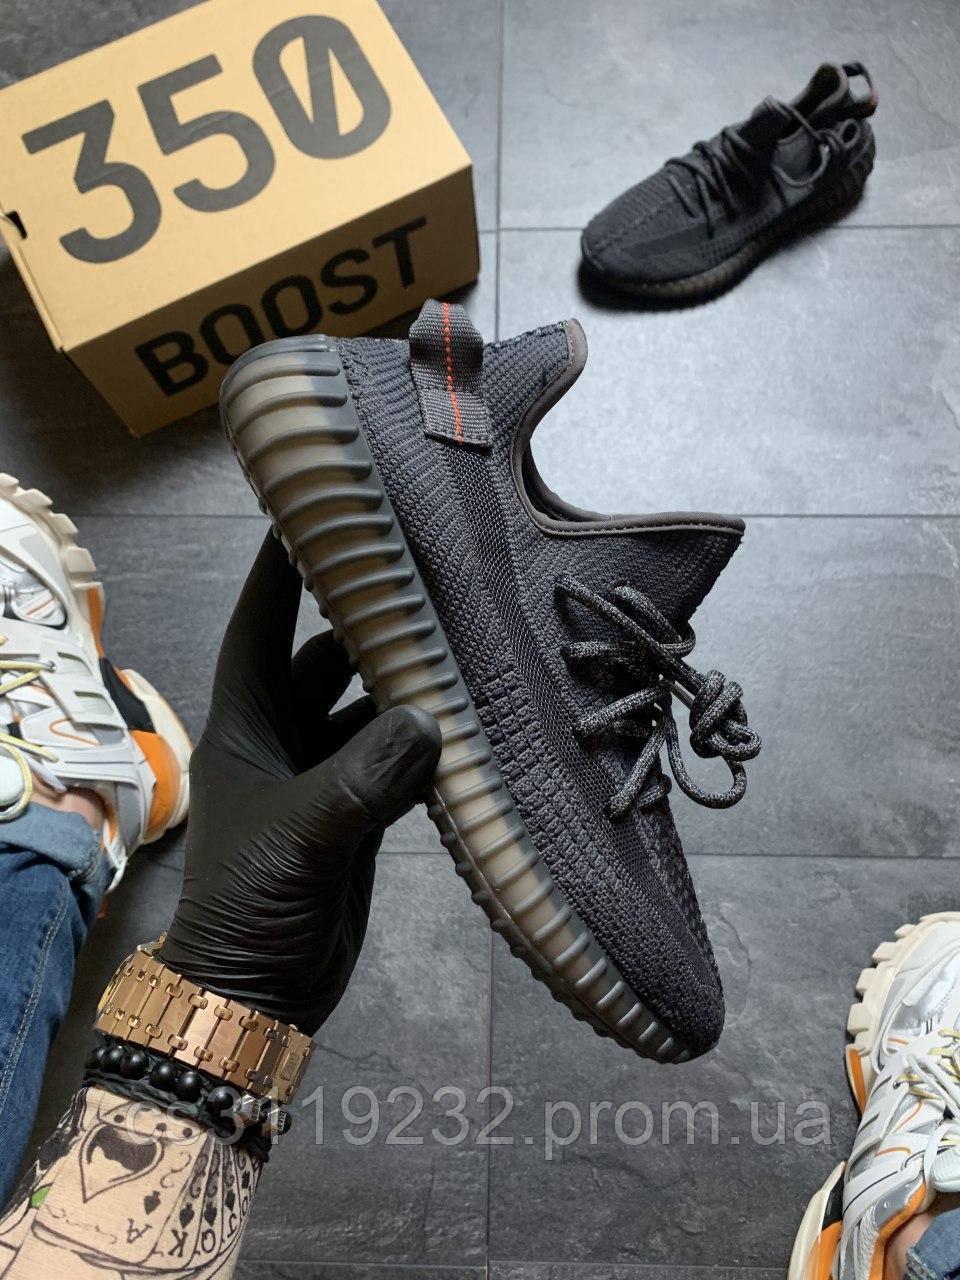 Жіночі кросівки Adidas Yeezy 350 v2 Triple Black (чорні)